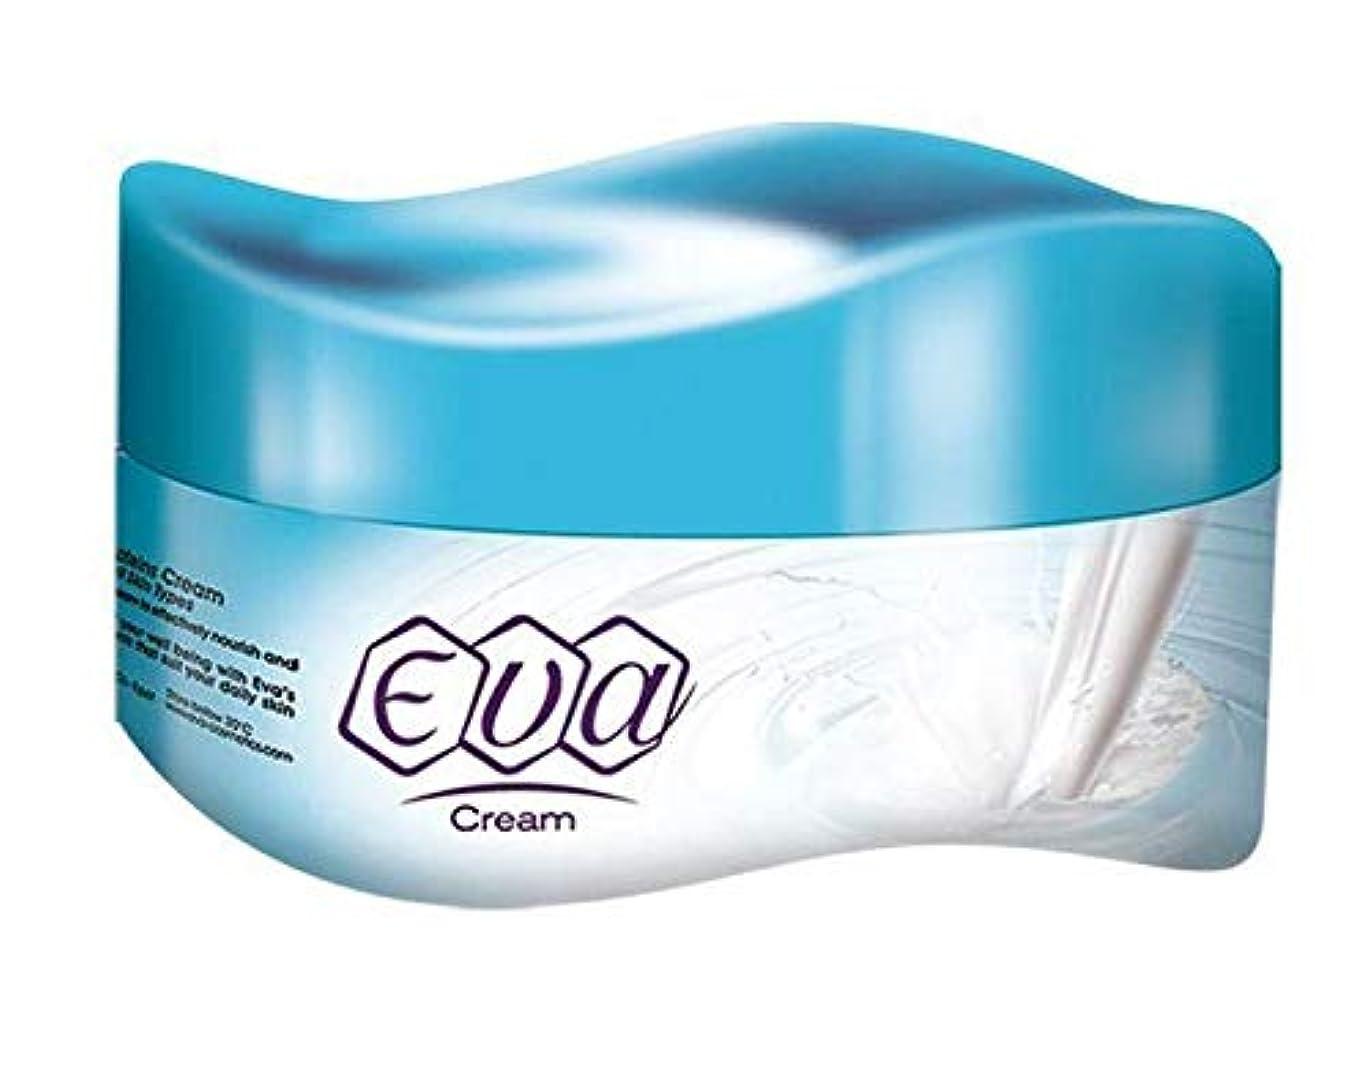 シーズン不名誉な読書Eva Skin Care Cream Face Moisturizers Hands Feet Elbow Body Softening With Glycerin, Honey, Yogurt, Cucumber &...